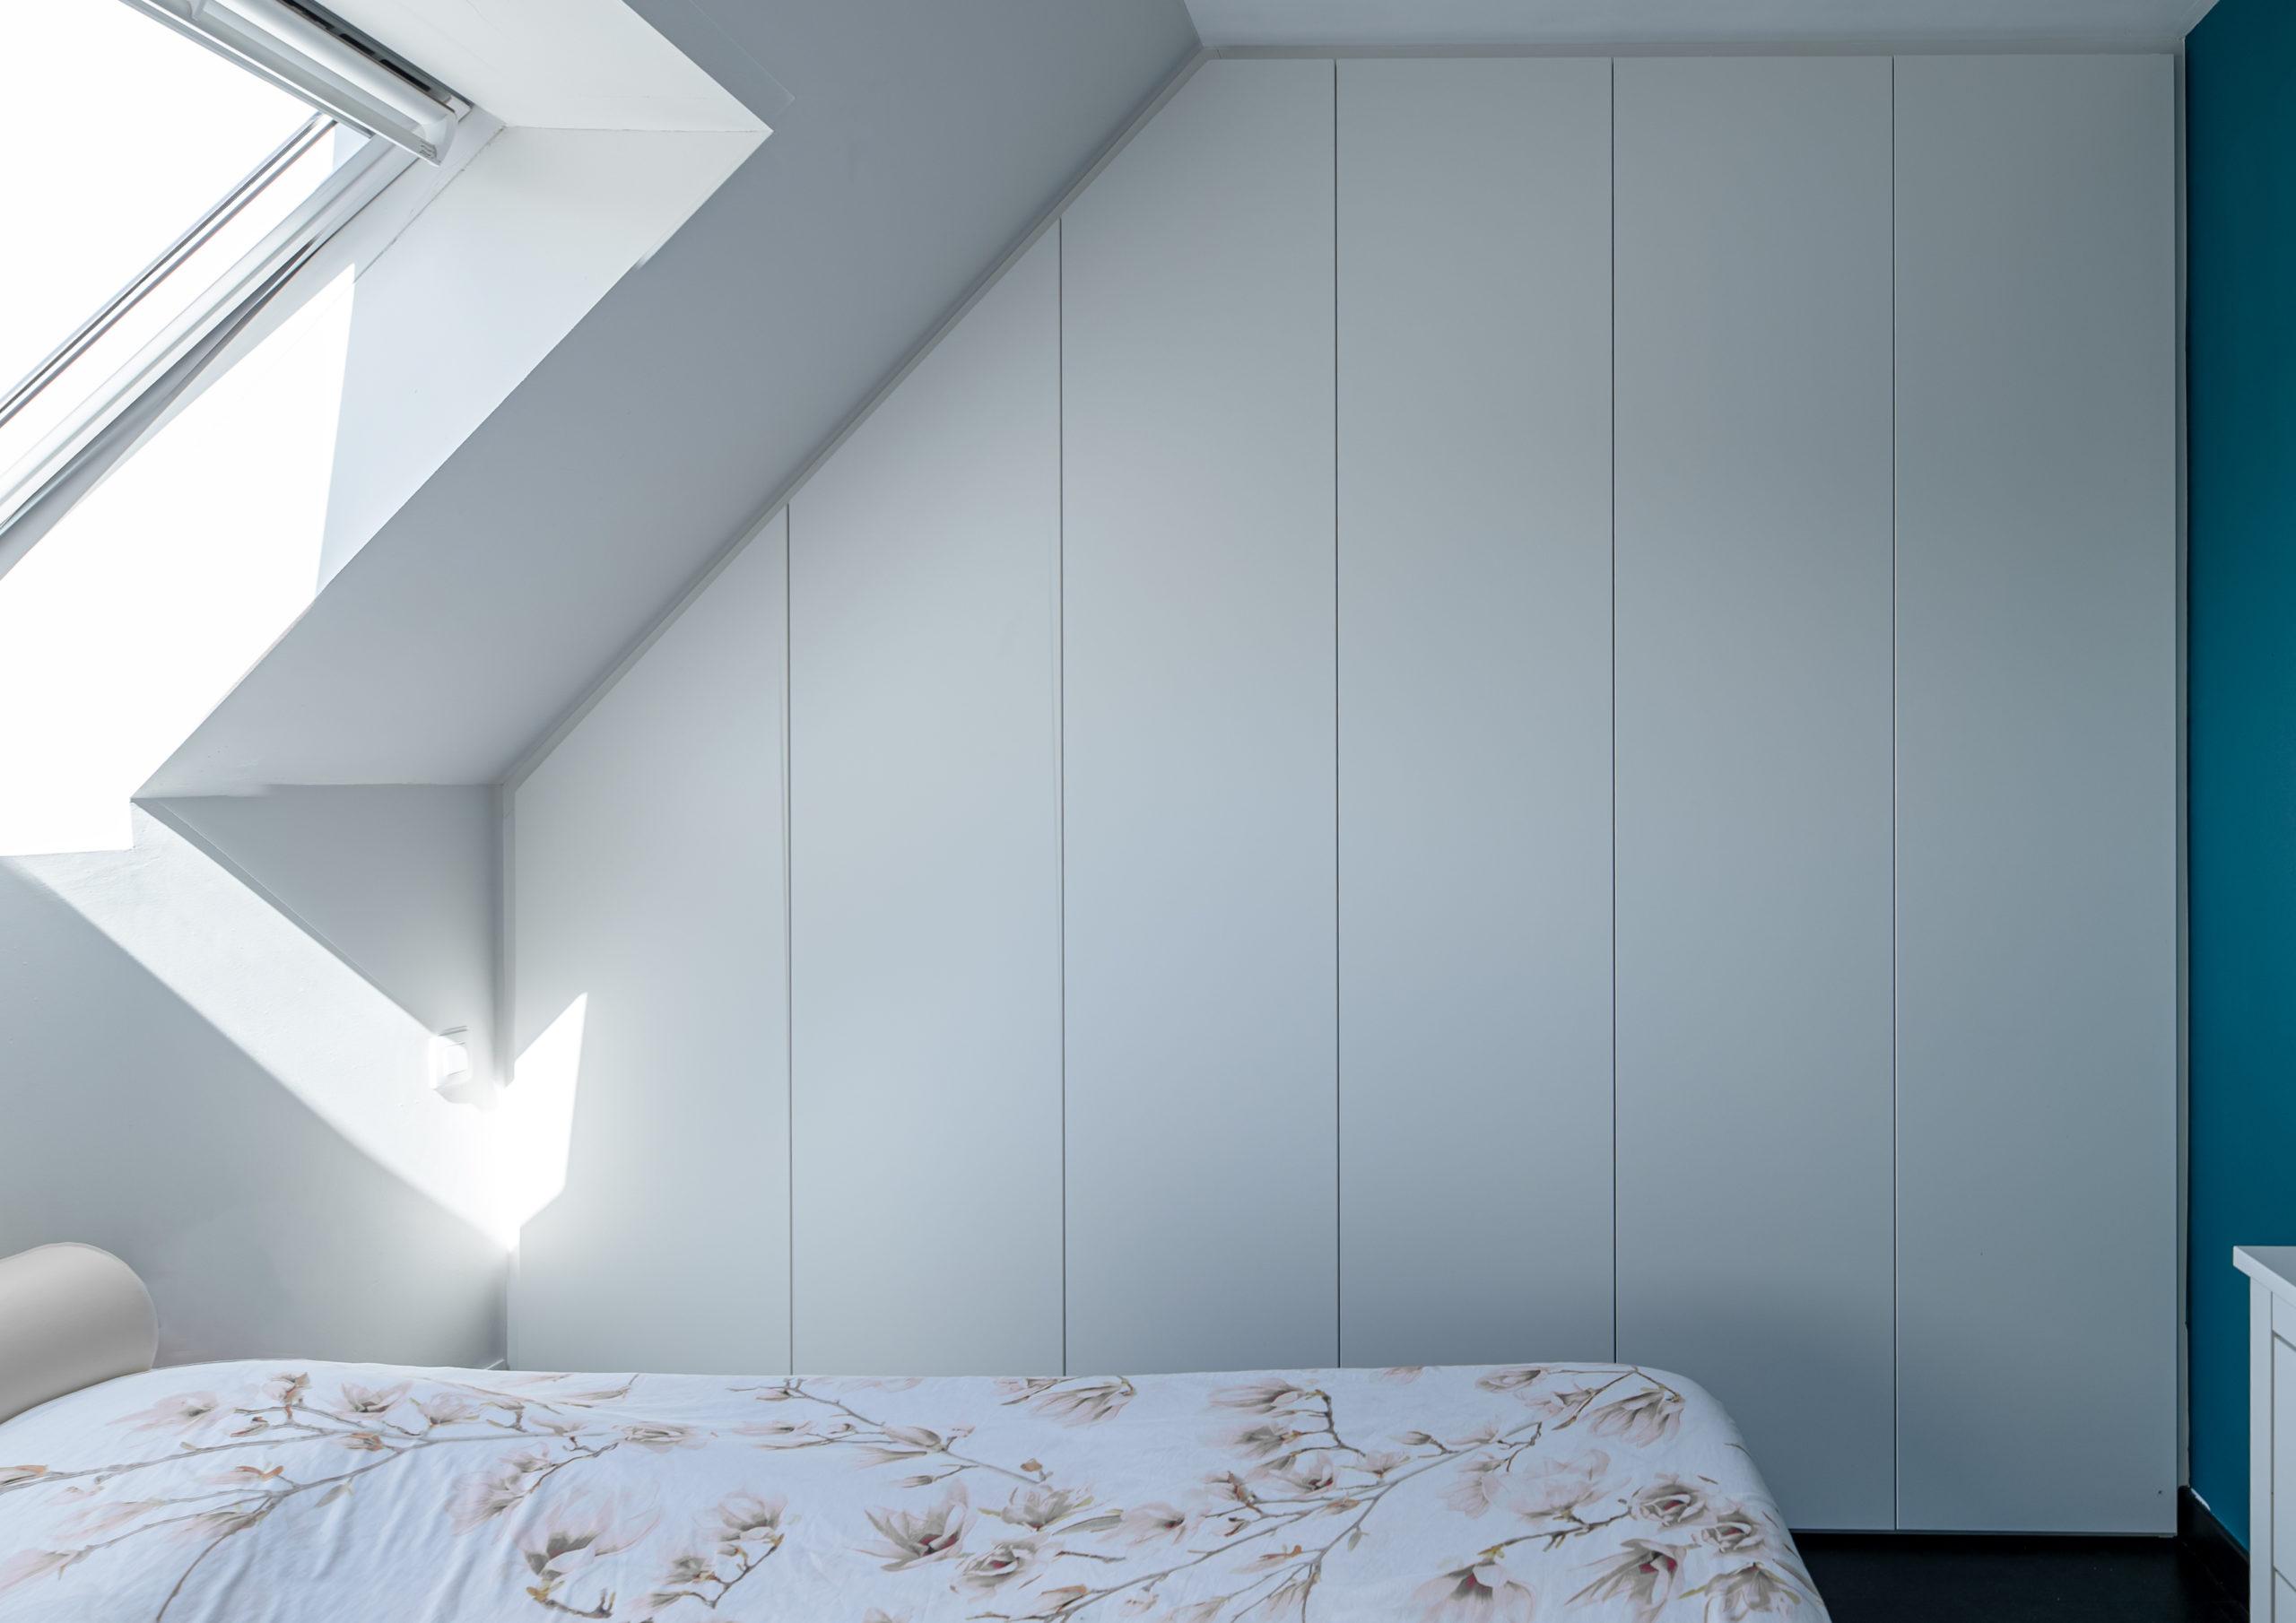 Slaapkamerkast onder schuin dak